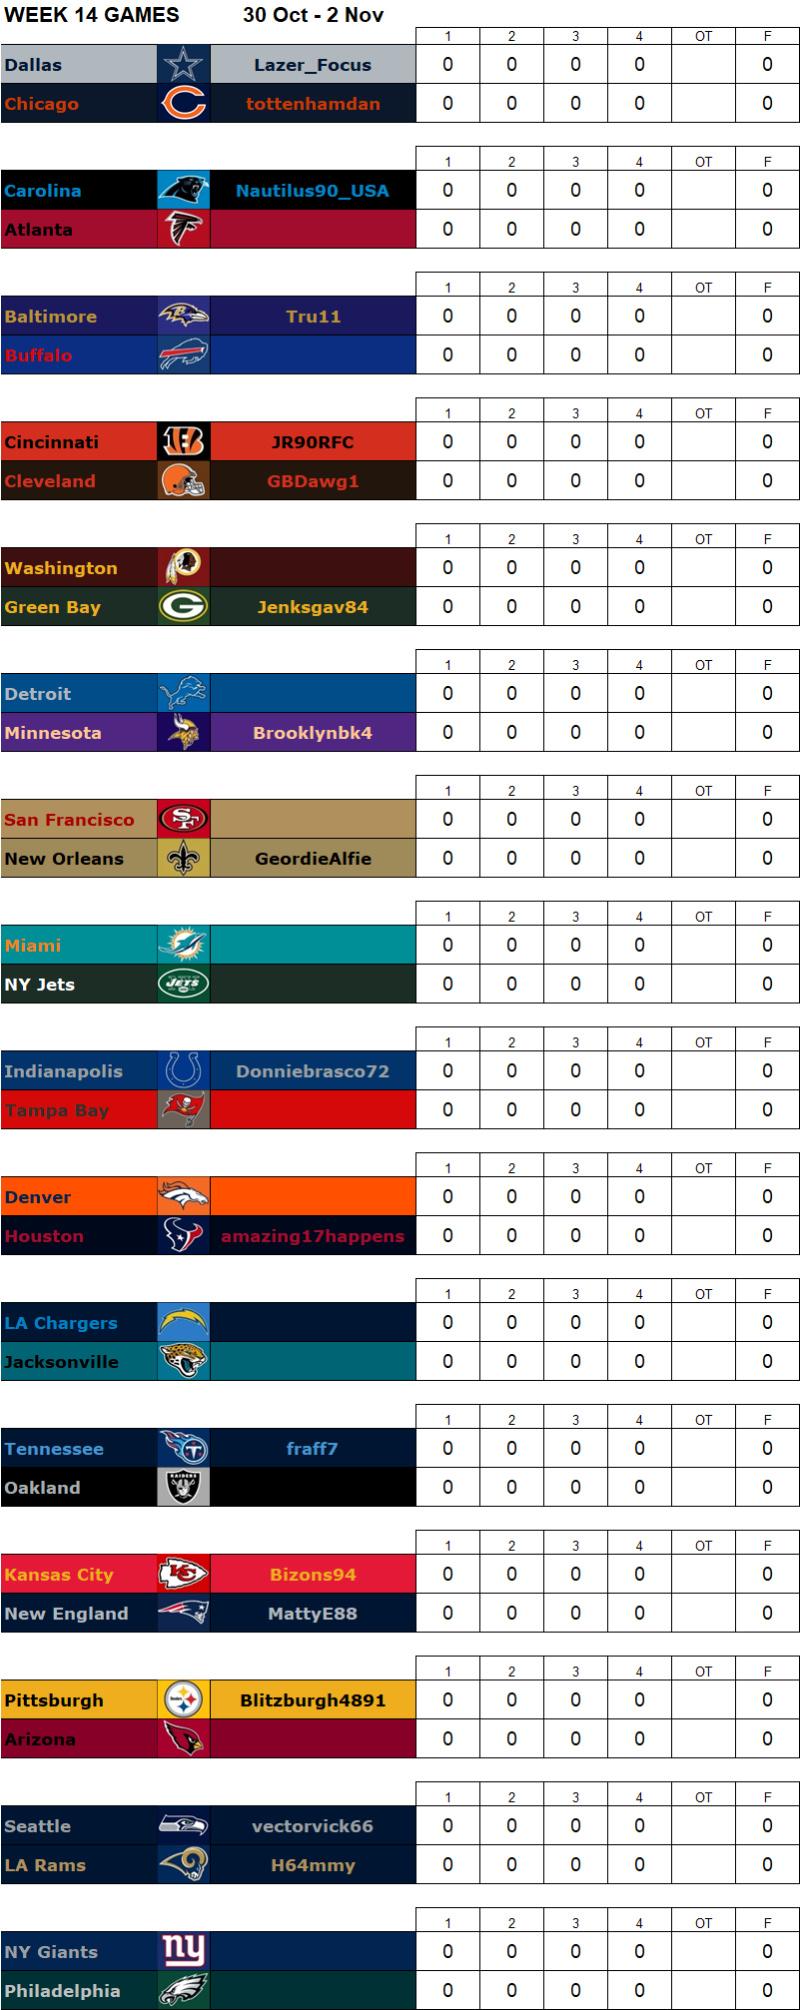 Week 14 Matchups, 30th November - 2nd November W14g18